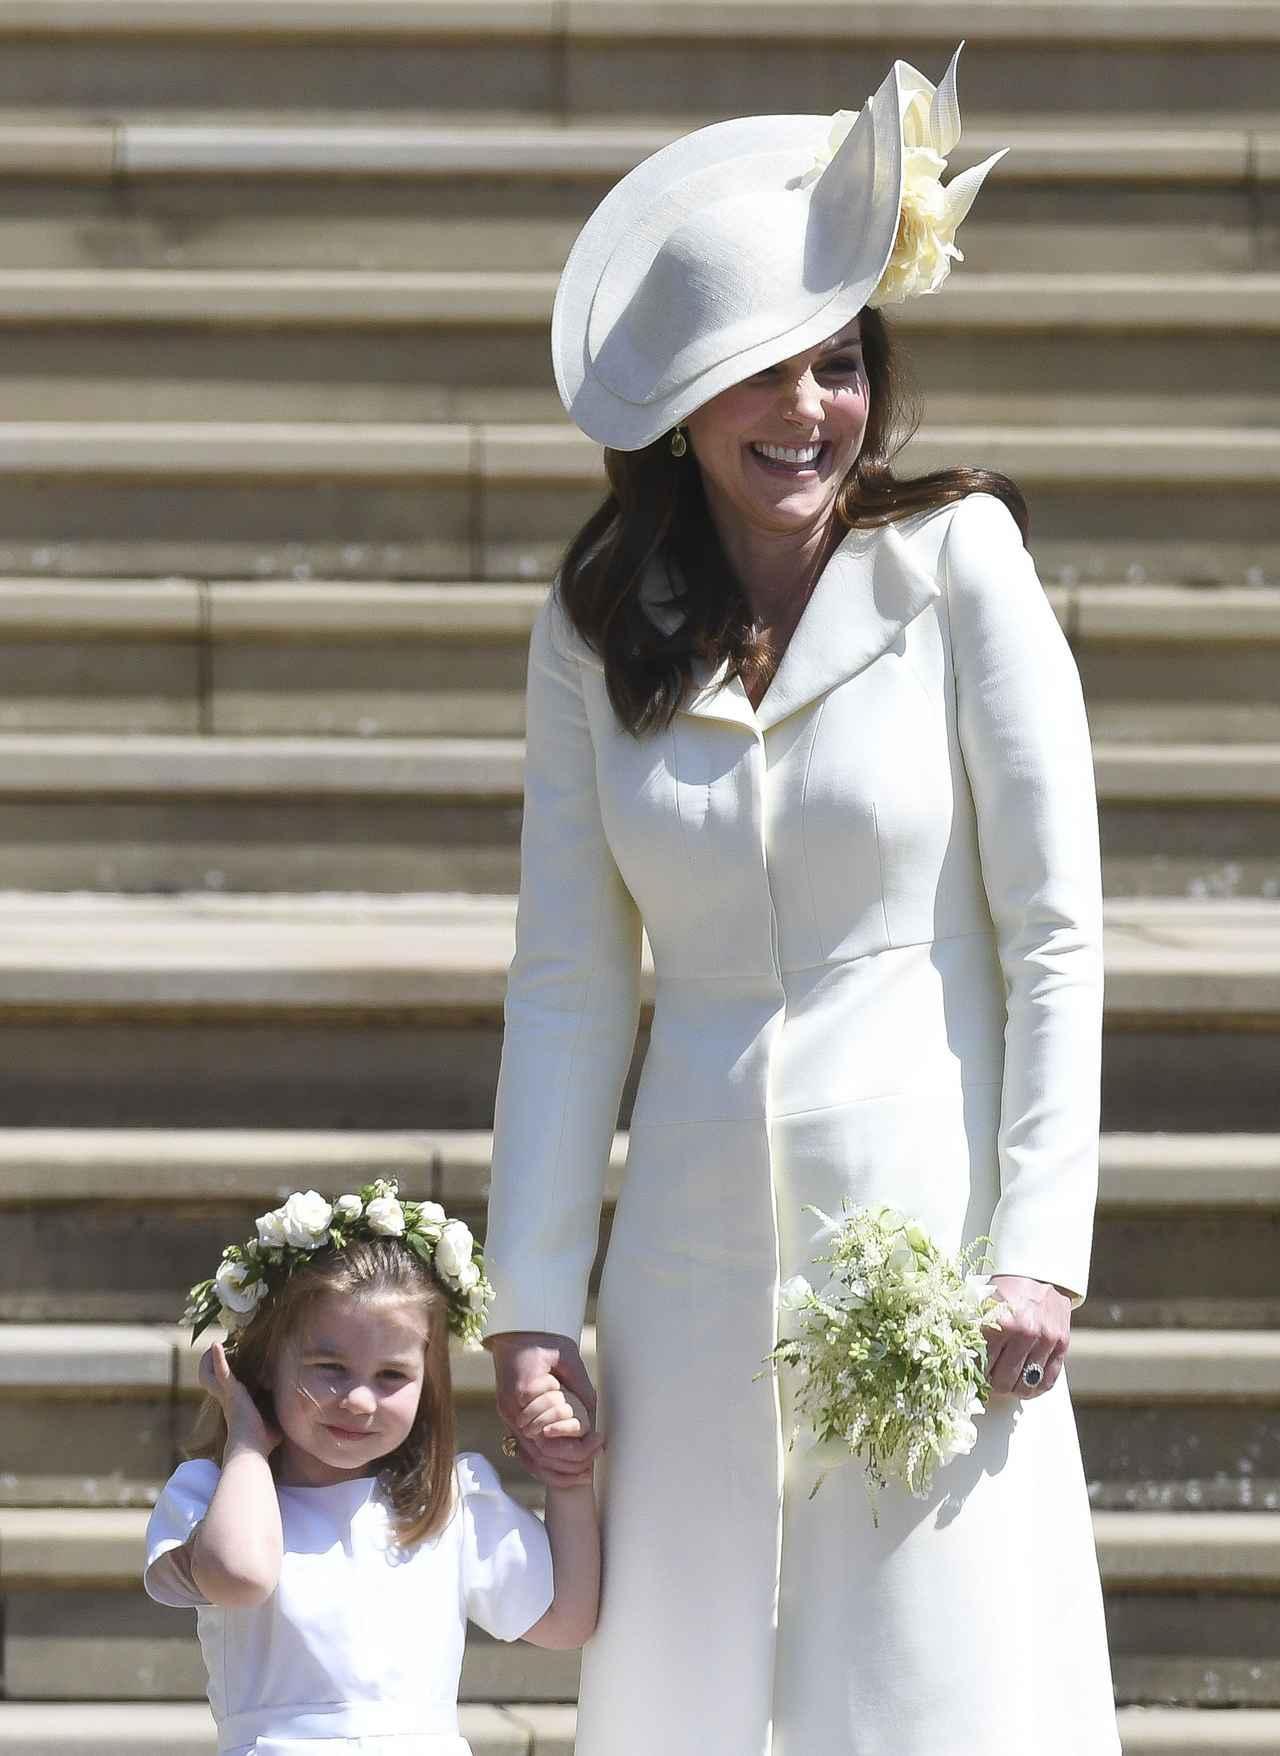 画像2: キャサリン妃、ロイヤル・ウェディングに着たドレスは過去に何度も着回していた